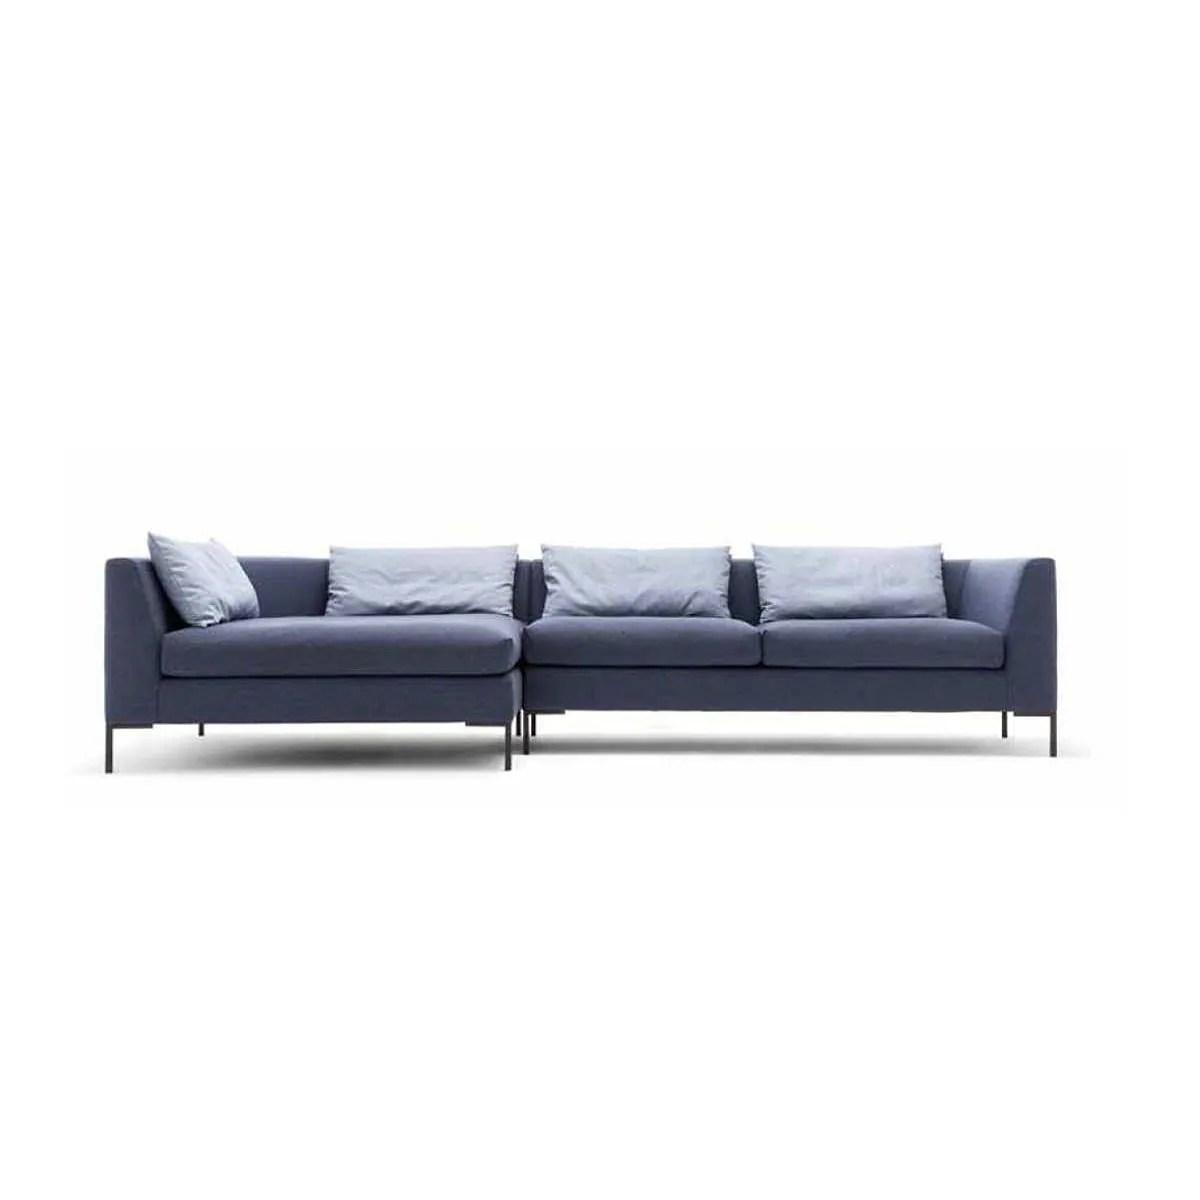 Wohnzimmer Couch Porta Kleiderschrank Integra Porta Porta Onlineshop